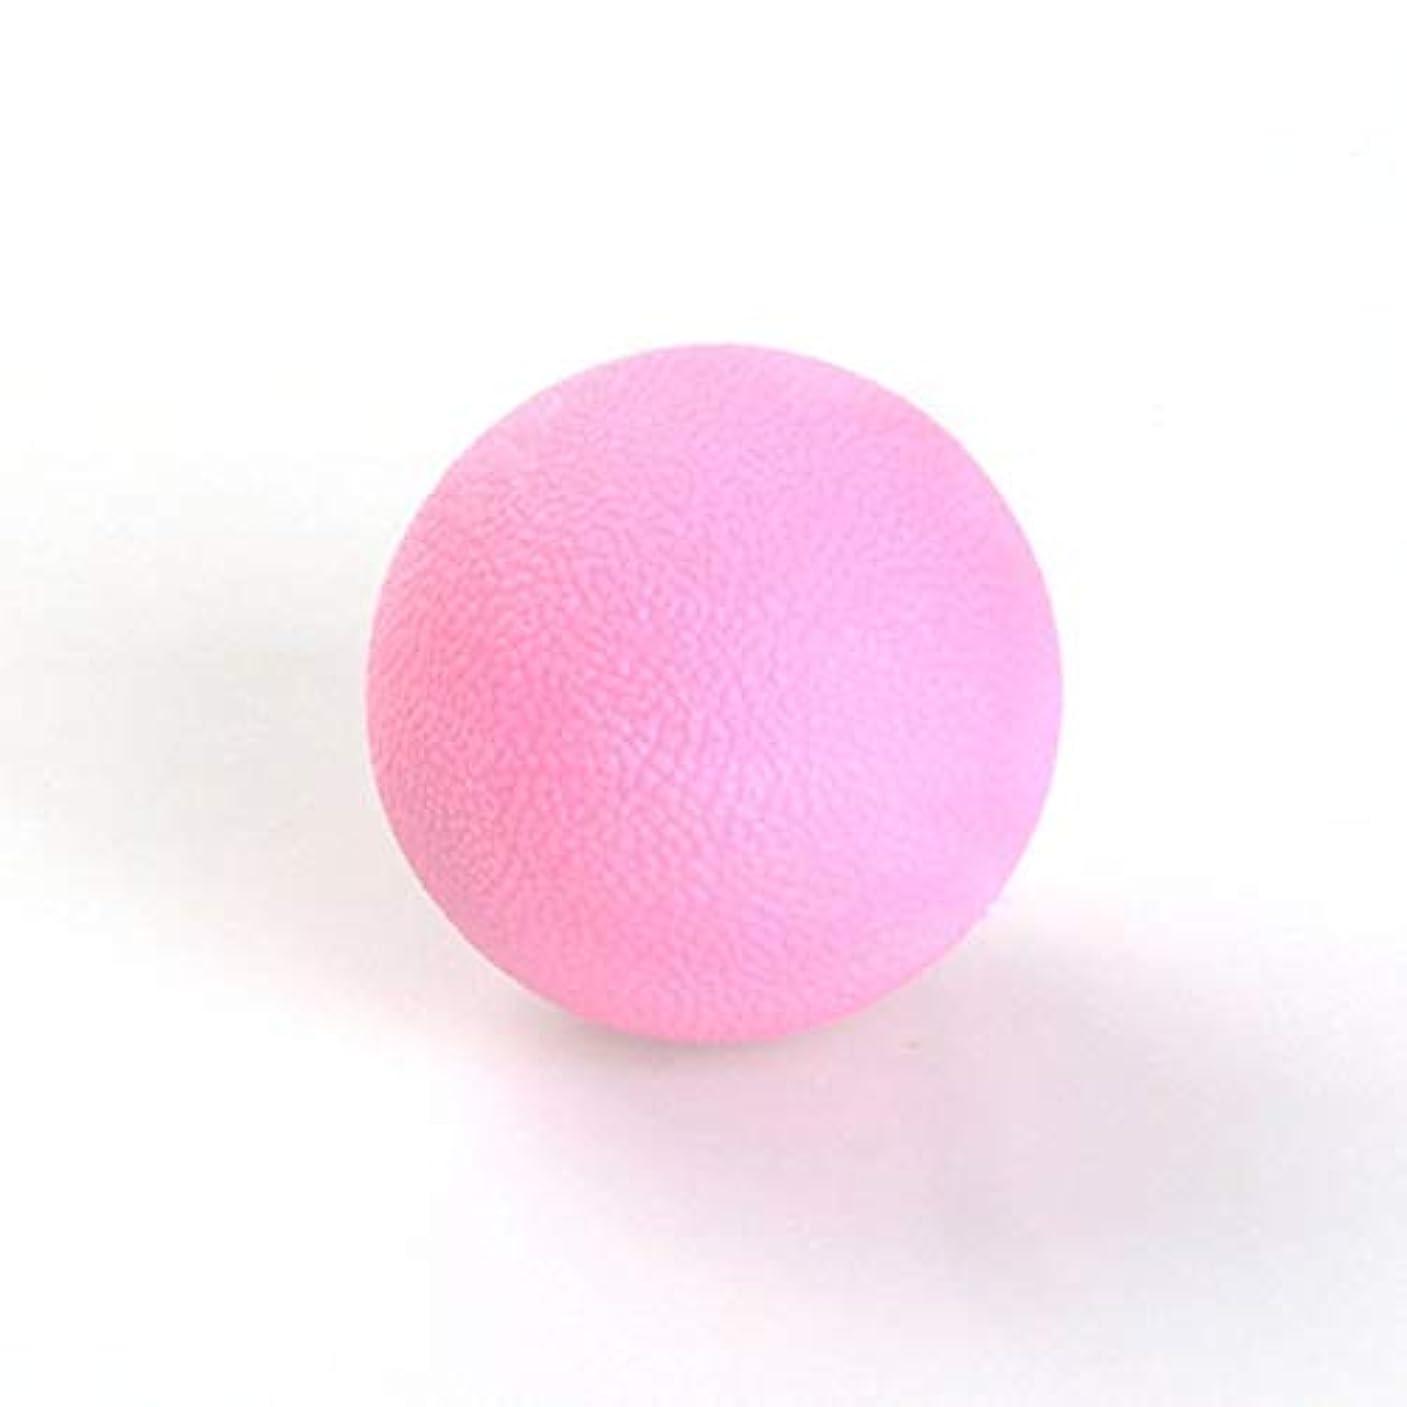 考える受動的符号65ミリメートルマッサージボール筋筋膜トリガーポイントボディ疲労フィットネスボールを和らげます